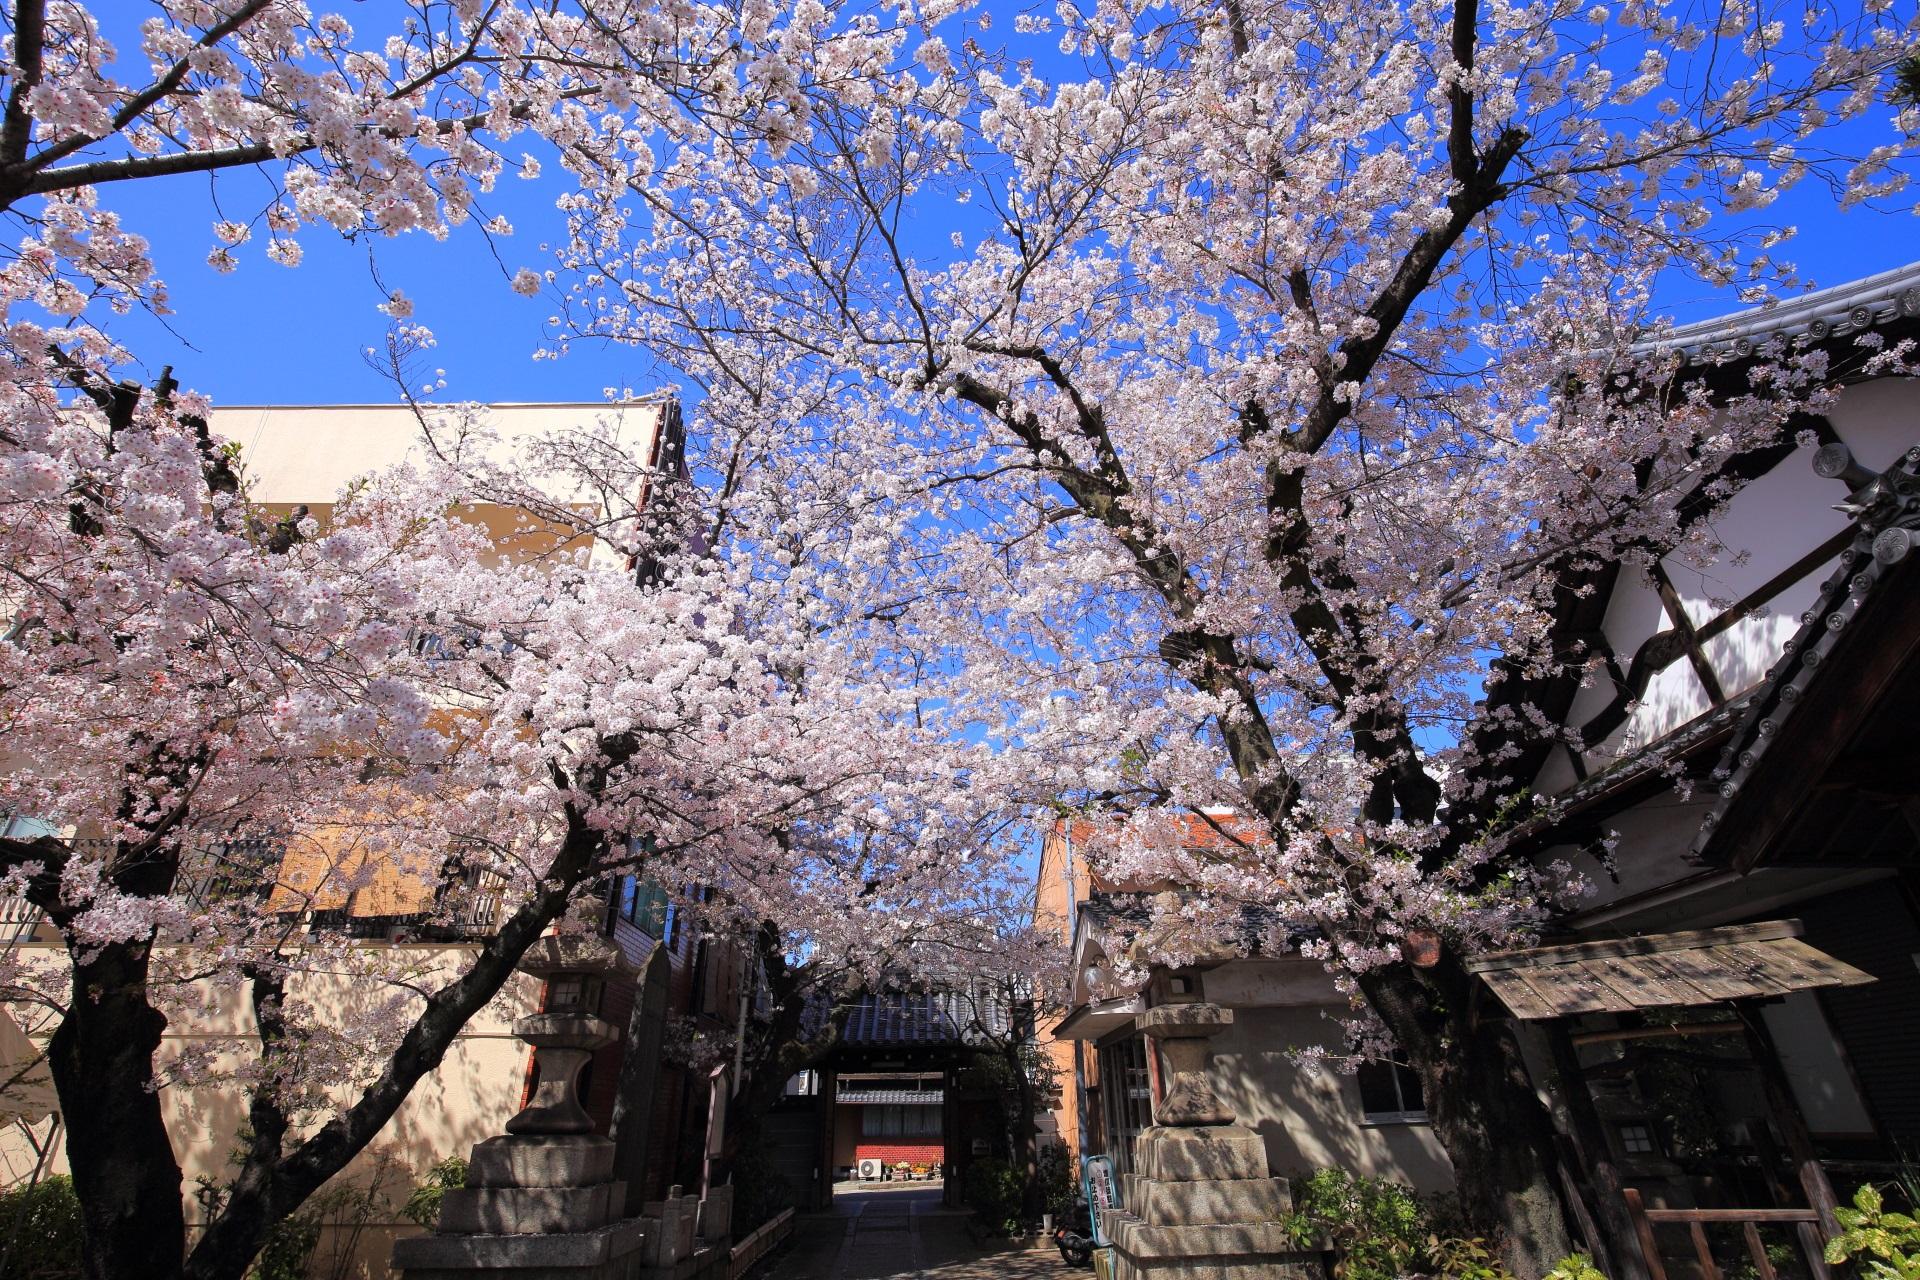 京都伏見の隠れた桜の名所の墨染寺